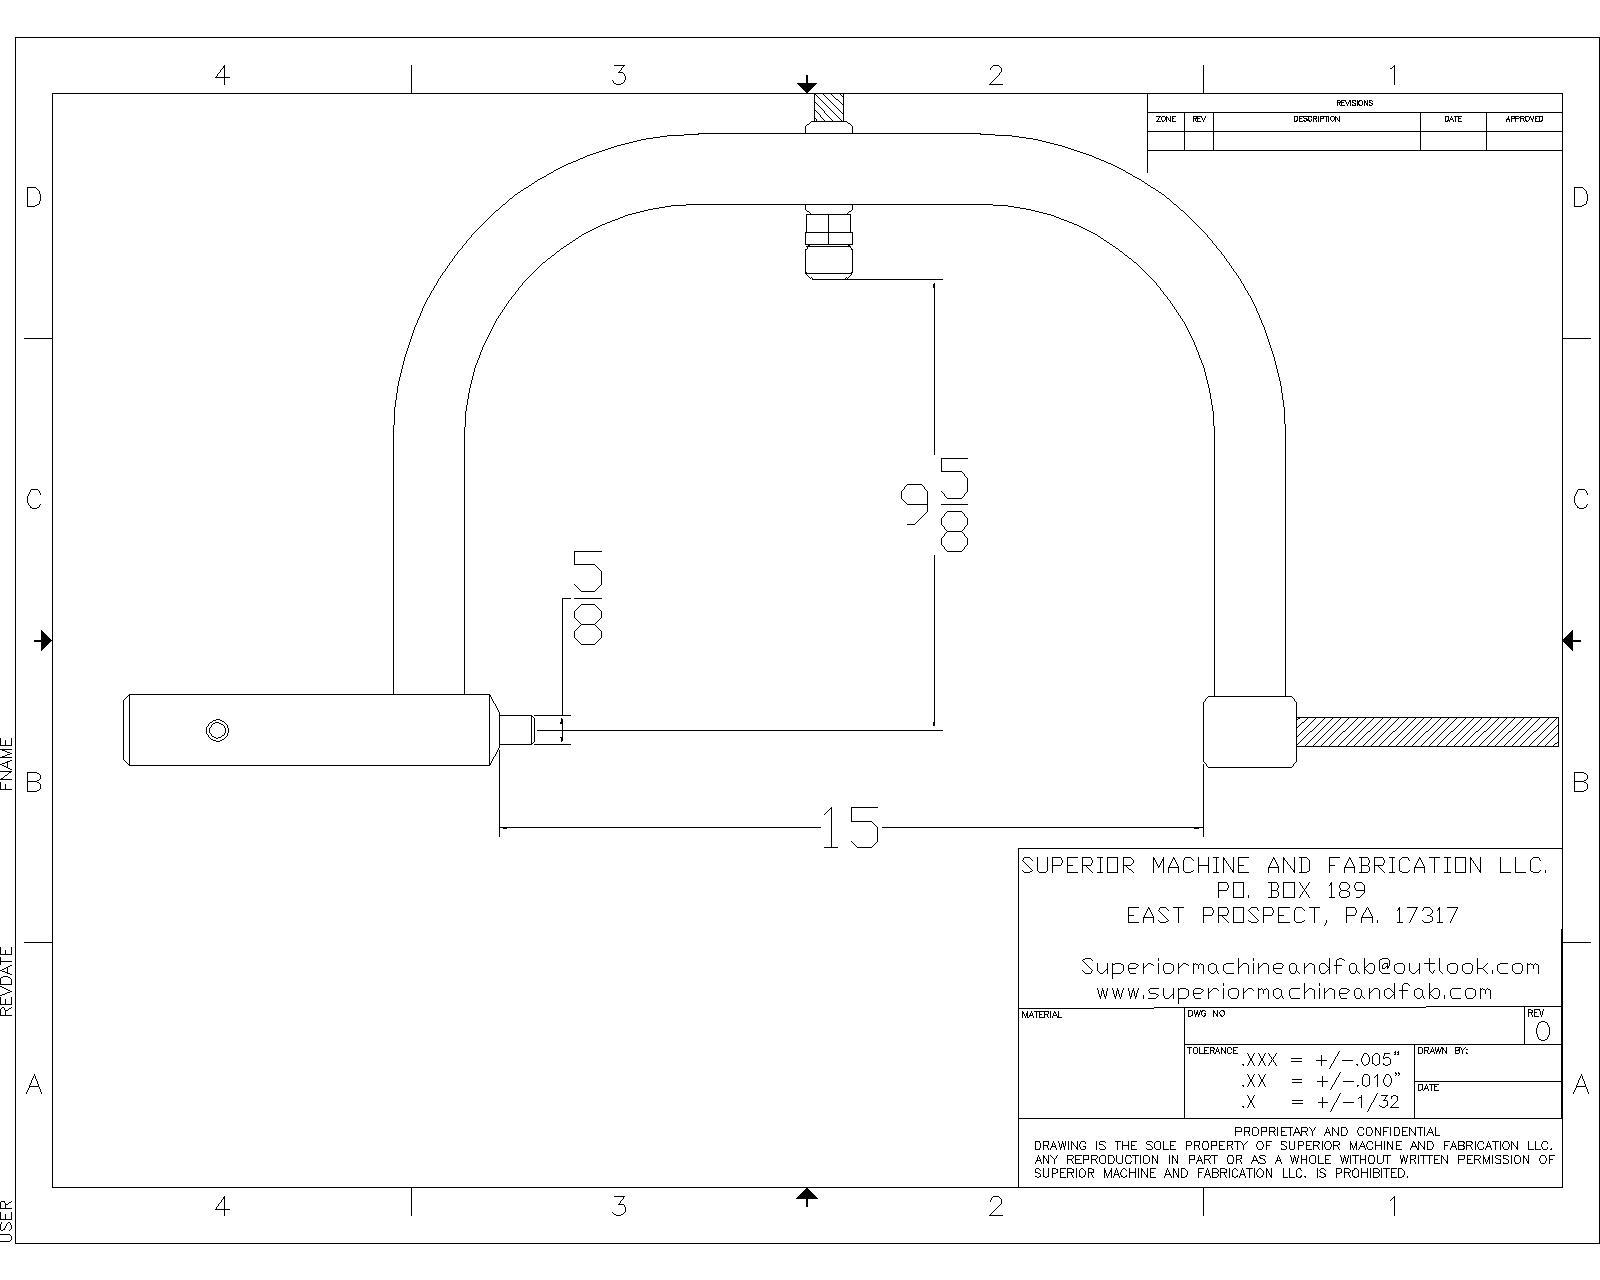 SMAF-004-ANSI-C-Title-Block